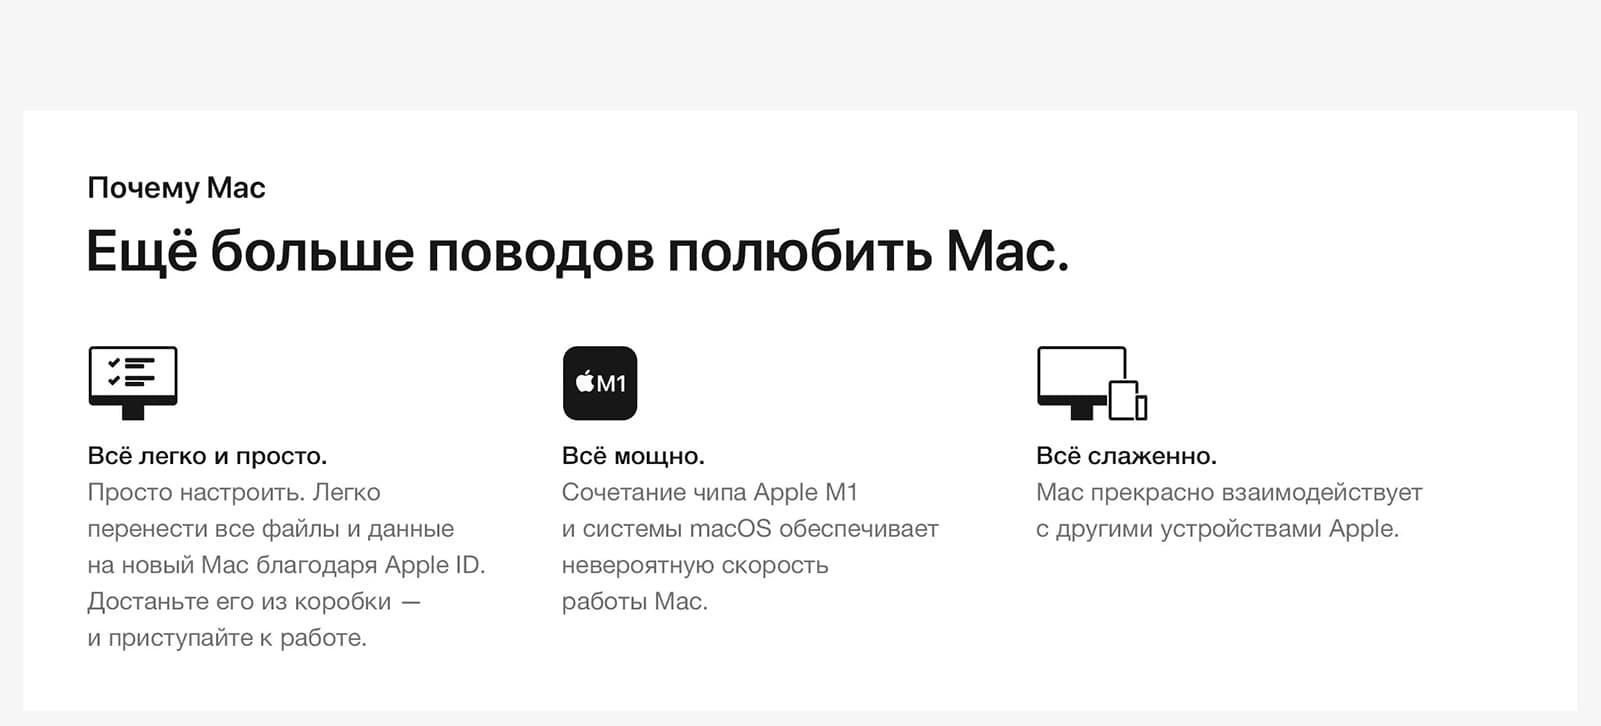 Почему Mac